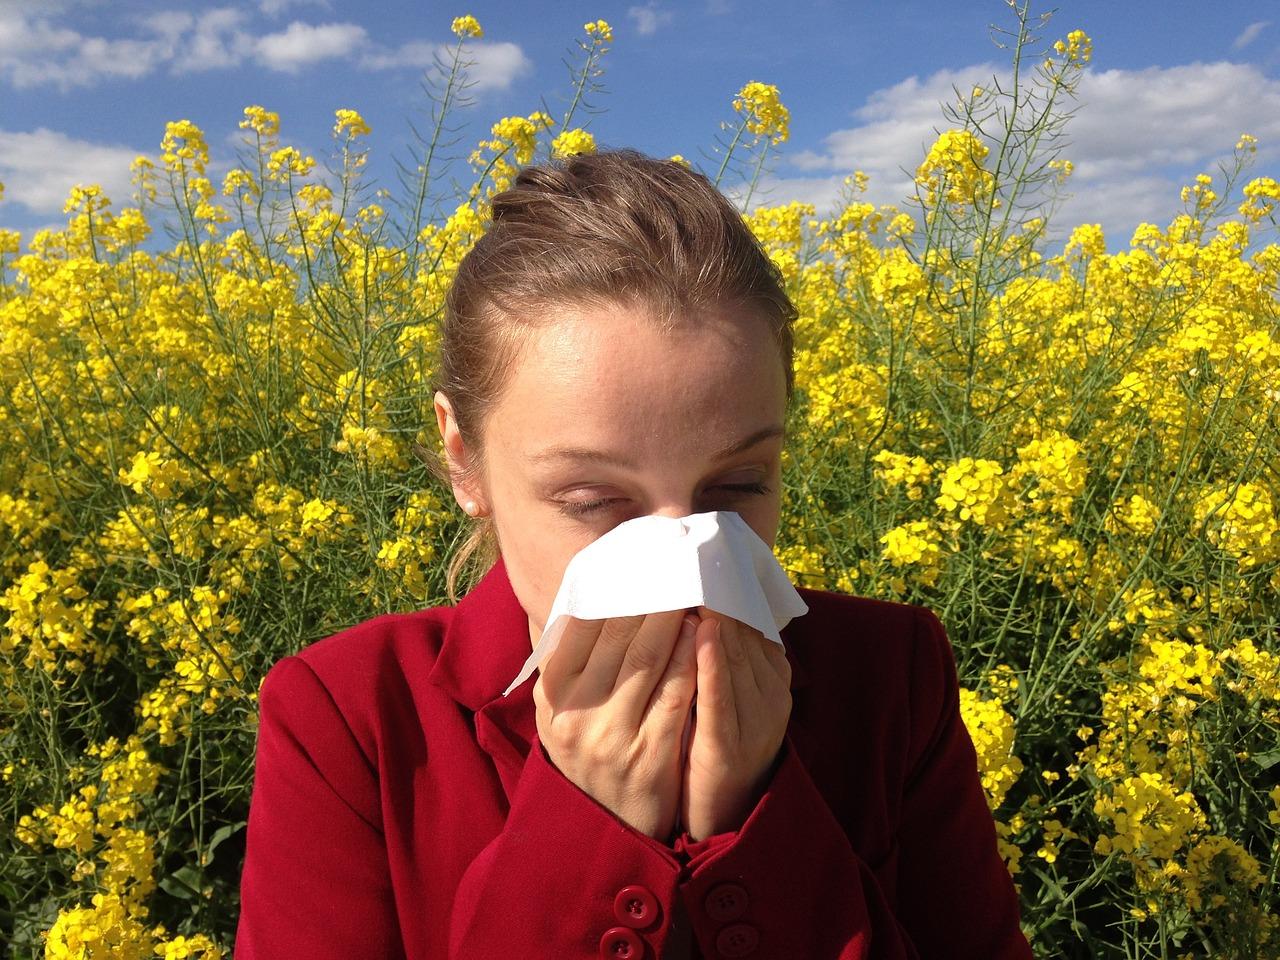 allergy 1738191_1280 1